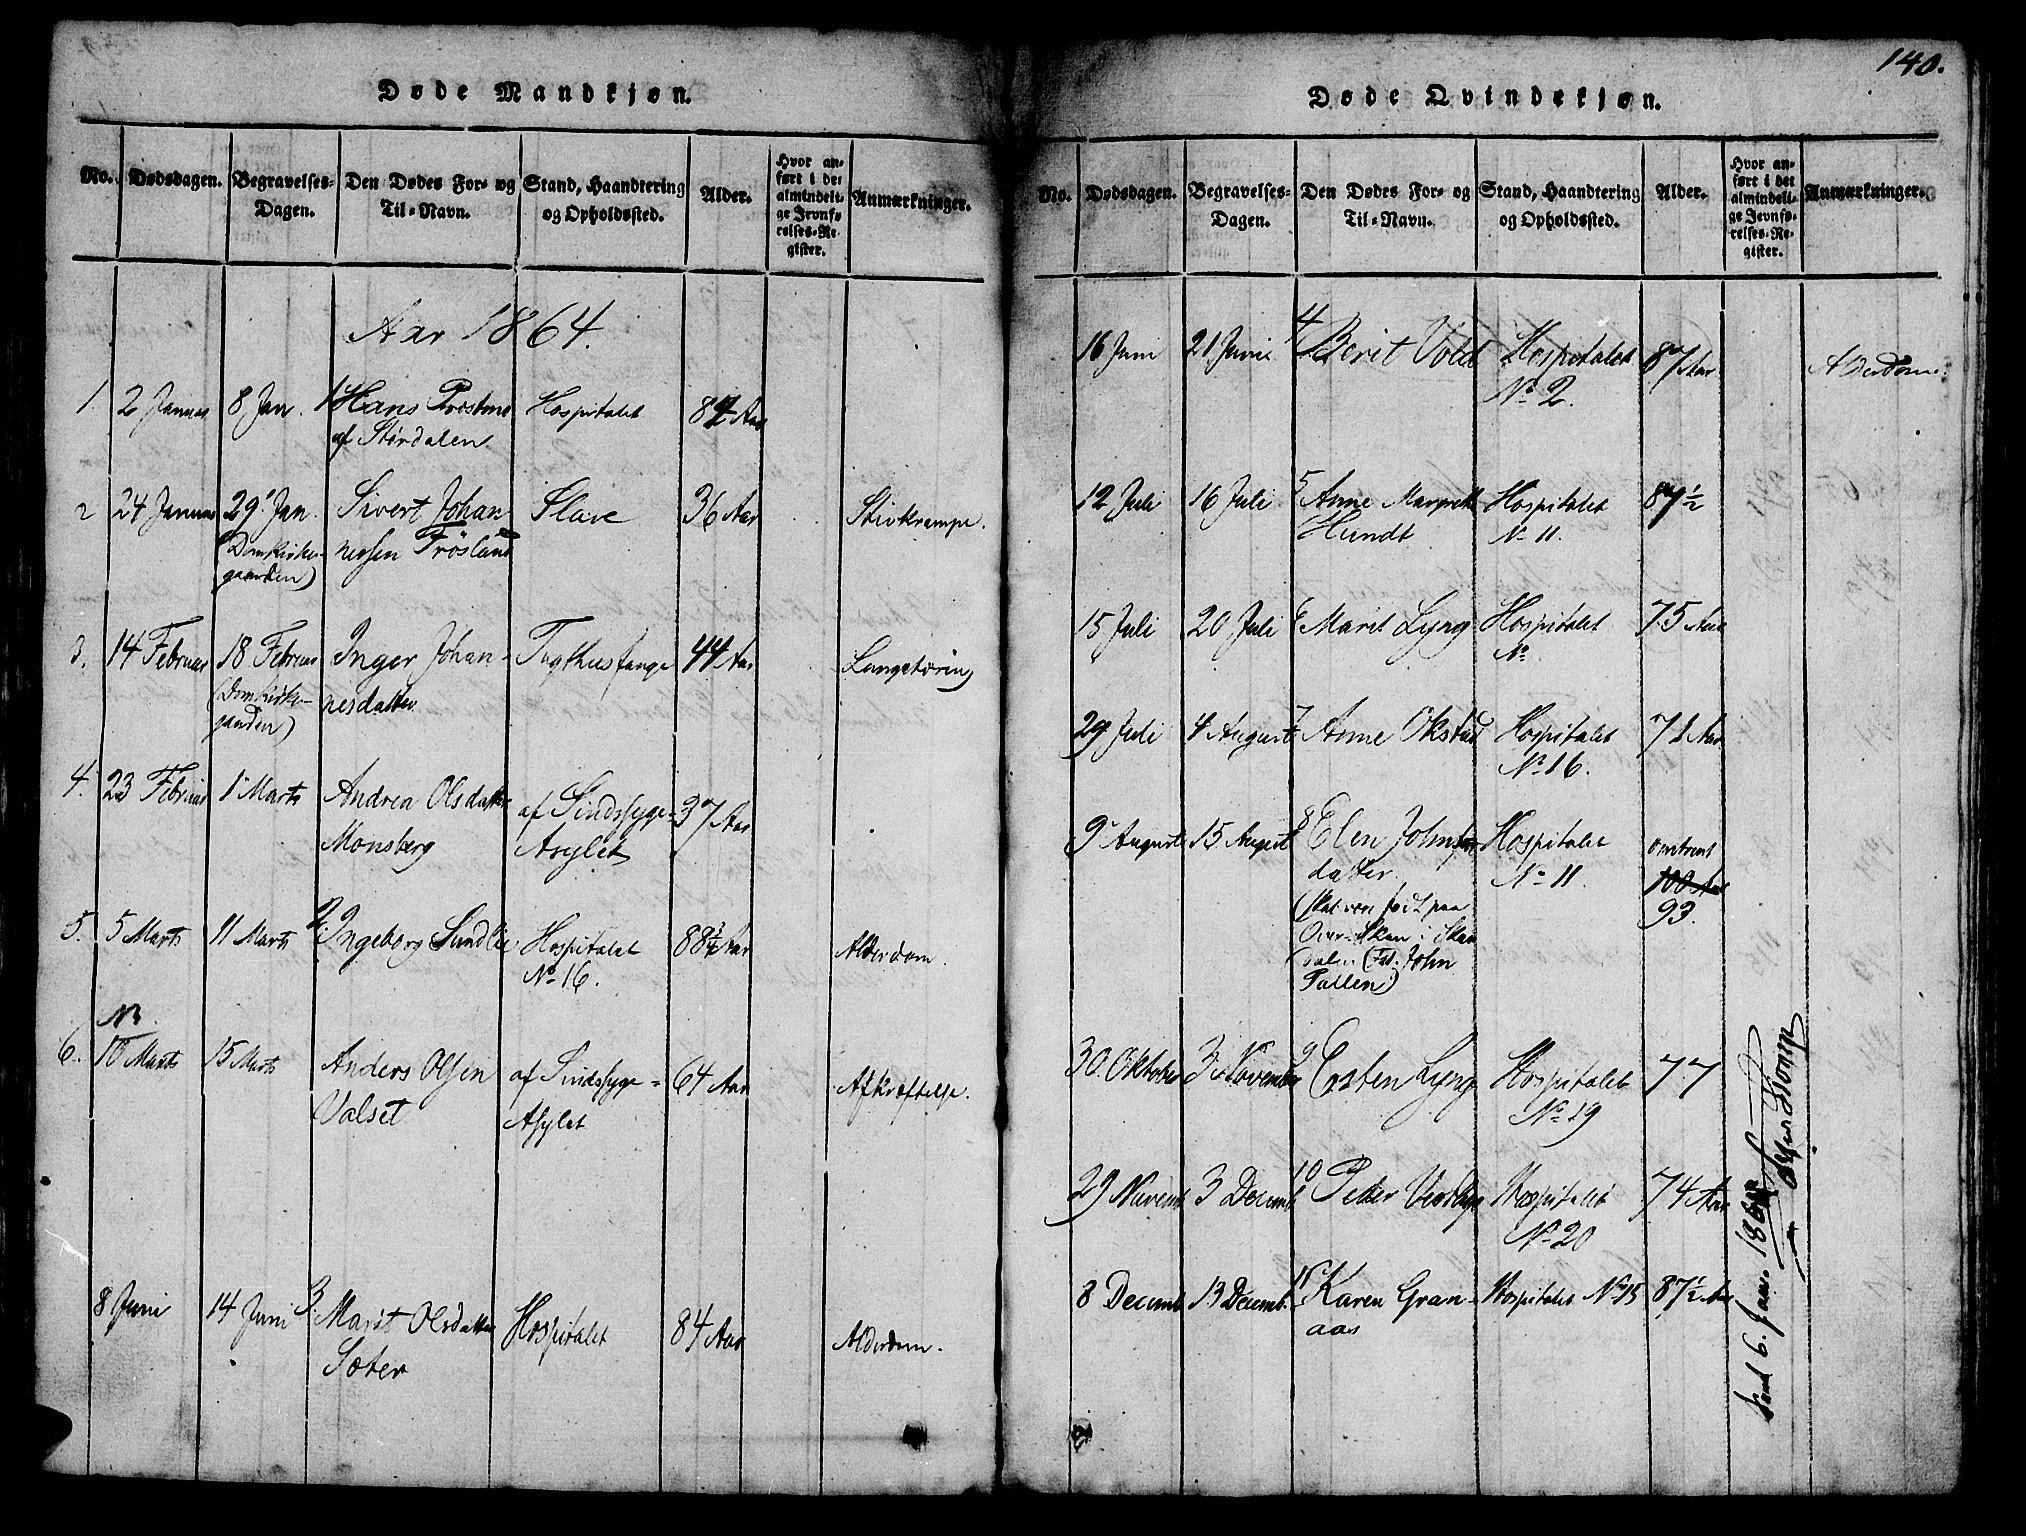 SAT, Ministerialprotokoller, klokkerbøker og fødselsregistre - Sør-Trøndelag, 623/L0478: Klokkerbok nr. 623C01, 1815-1873, s. 140